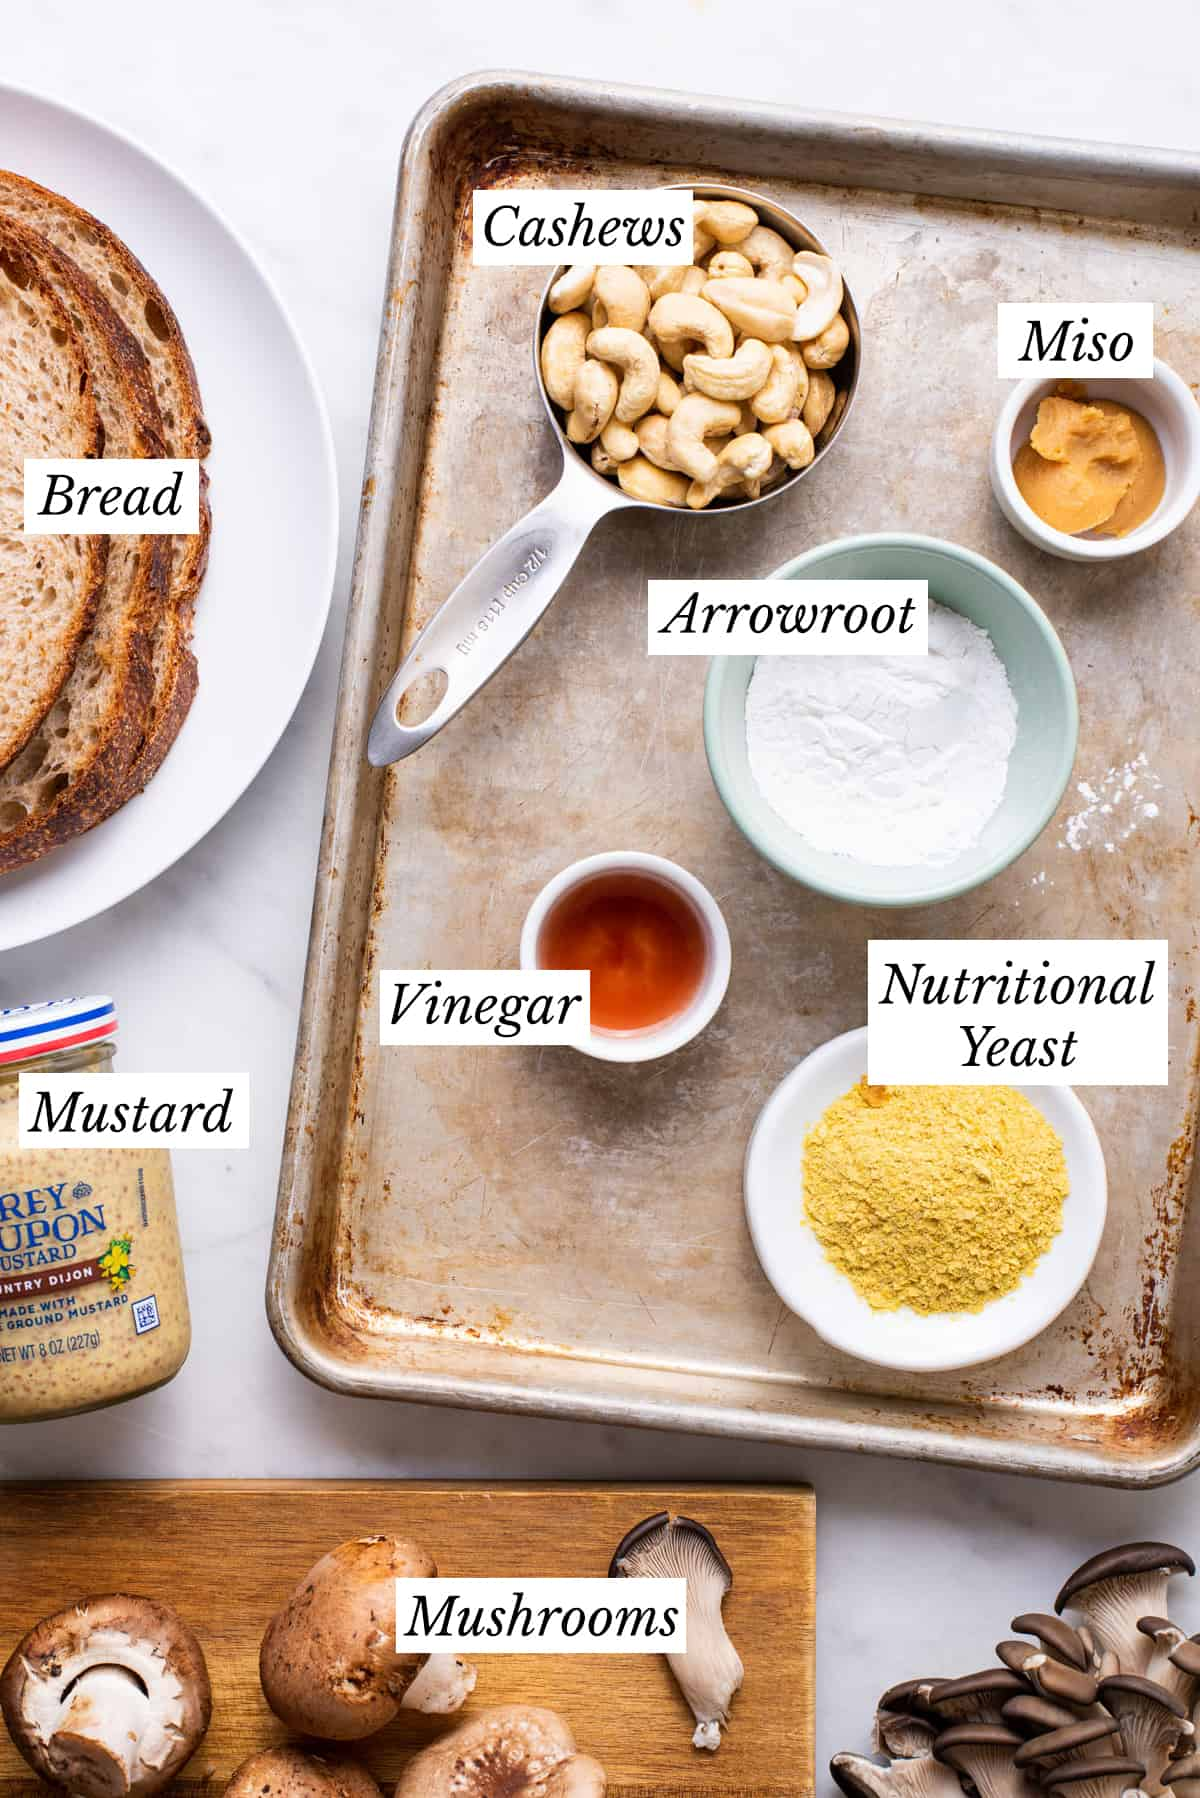 Ingredients gathered to make vegan mushroom toasts.